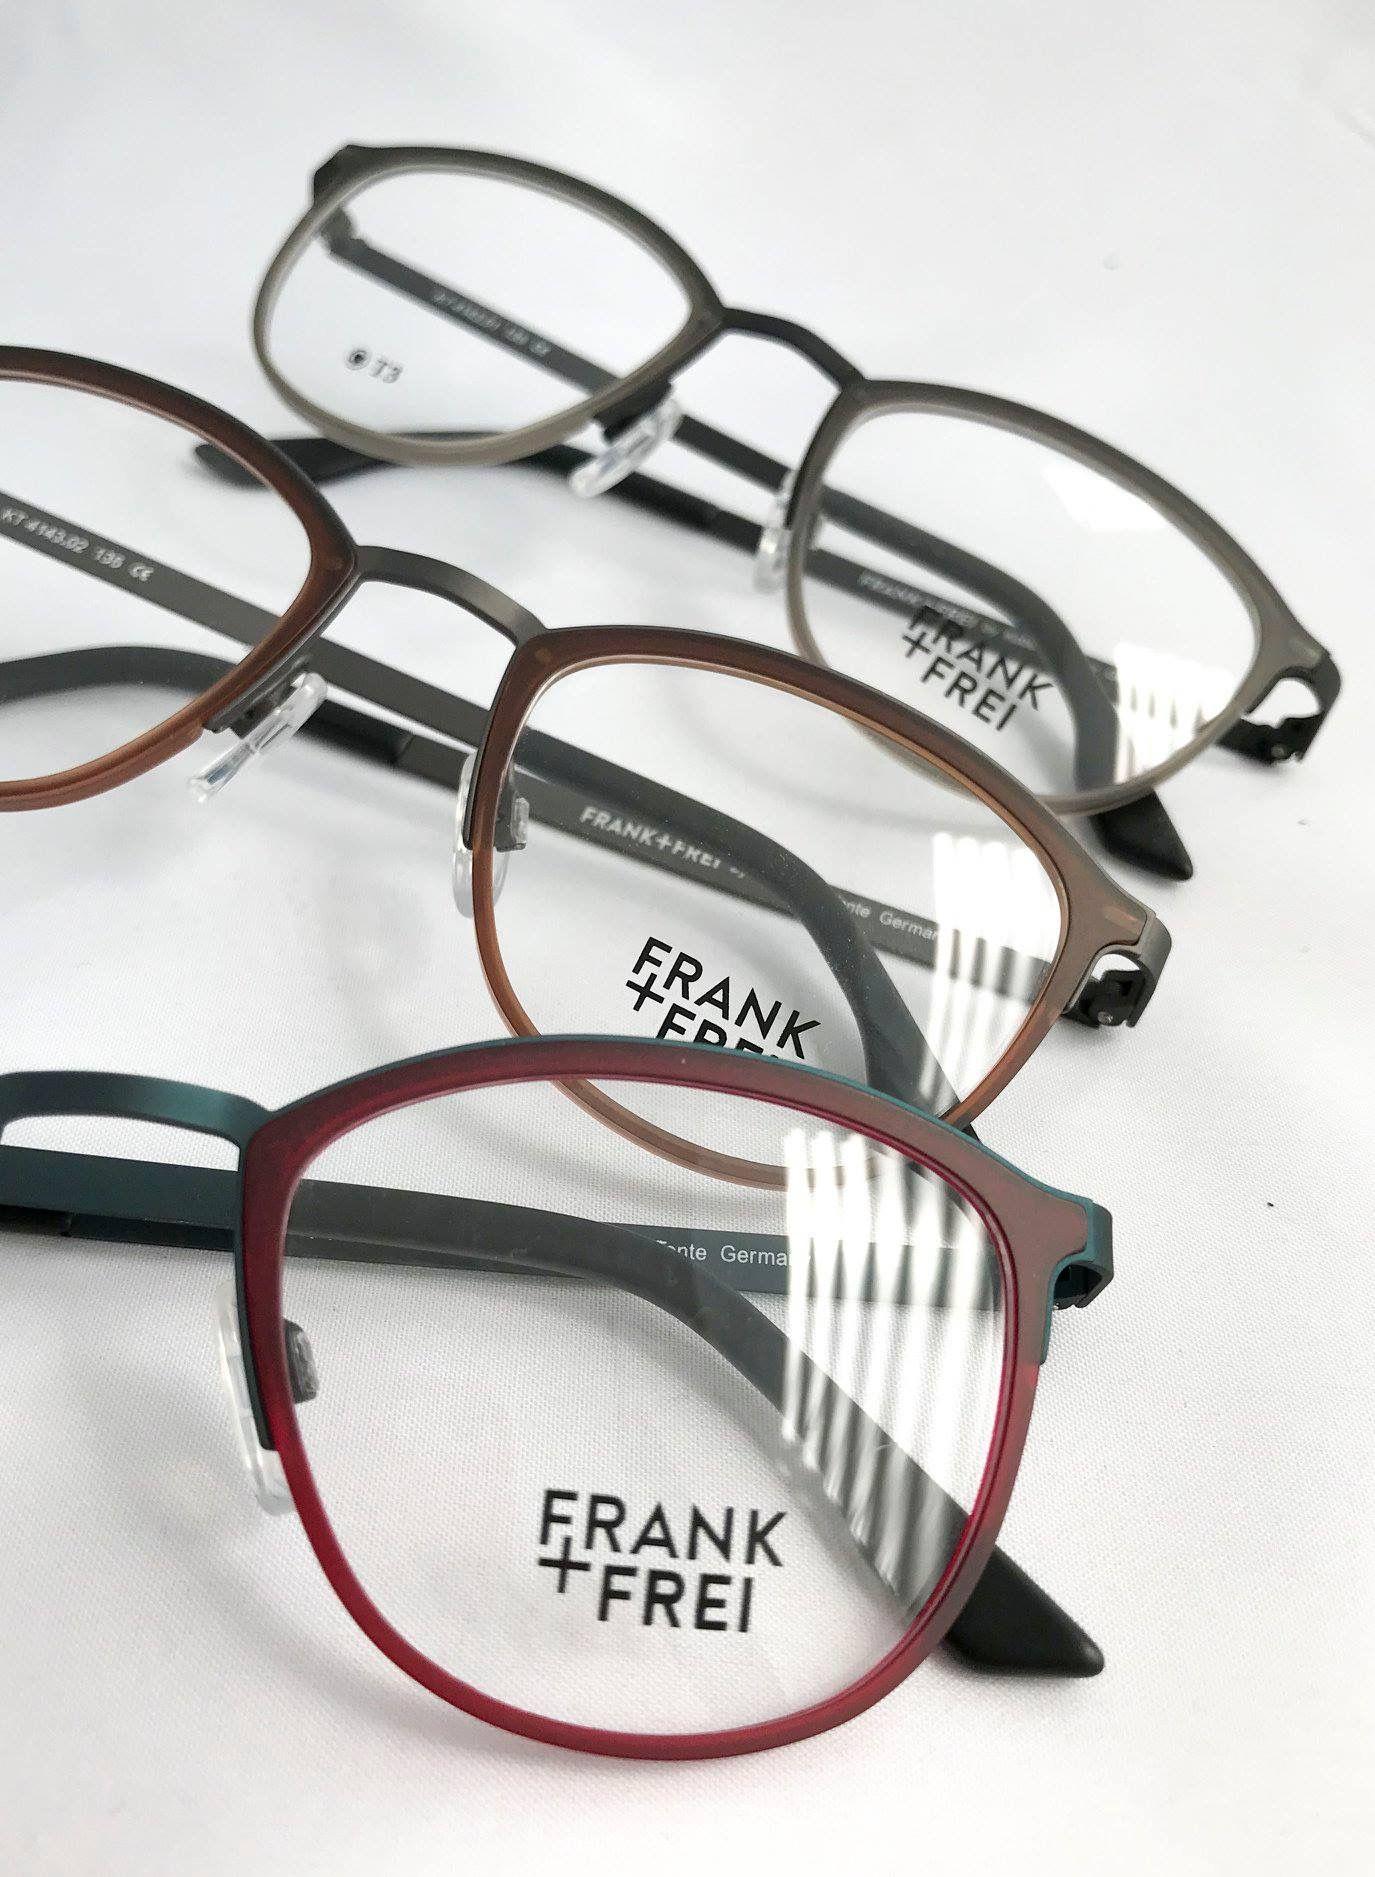 Der Transparent Aufgesetzte Kunststoff Rahmen Dieser Brille